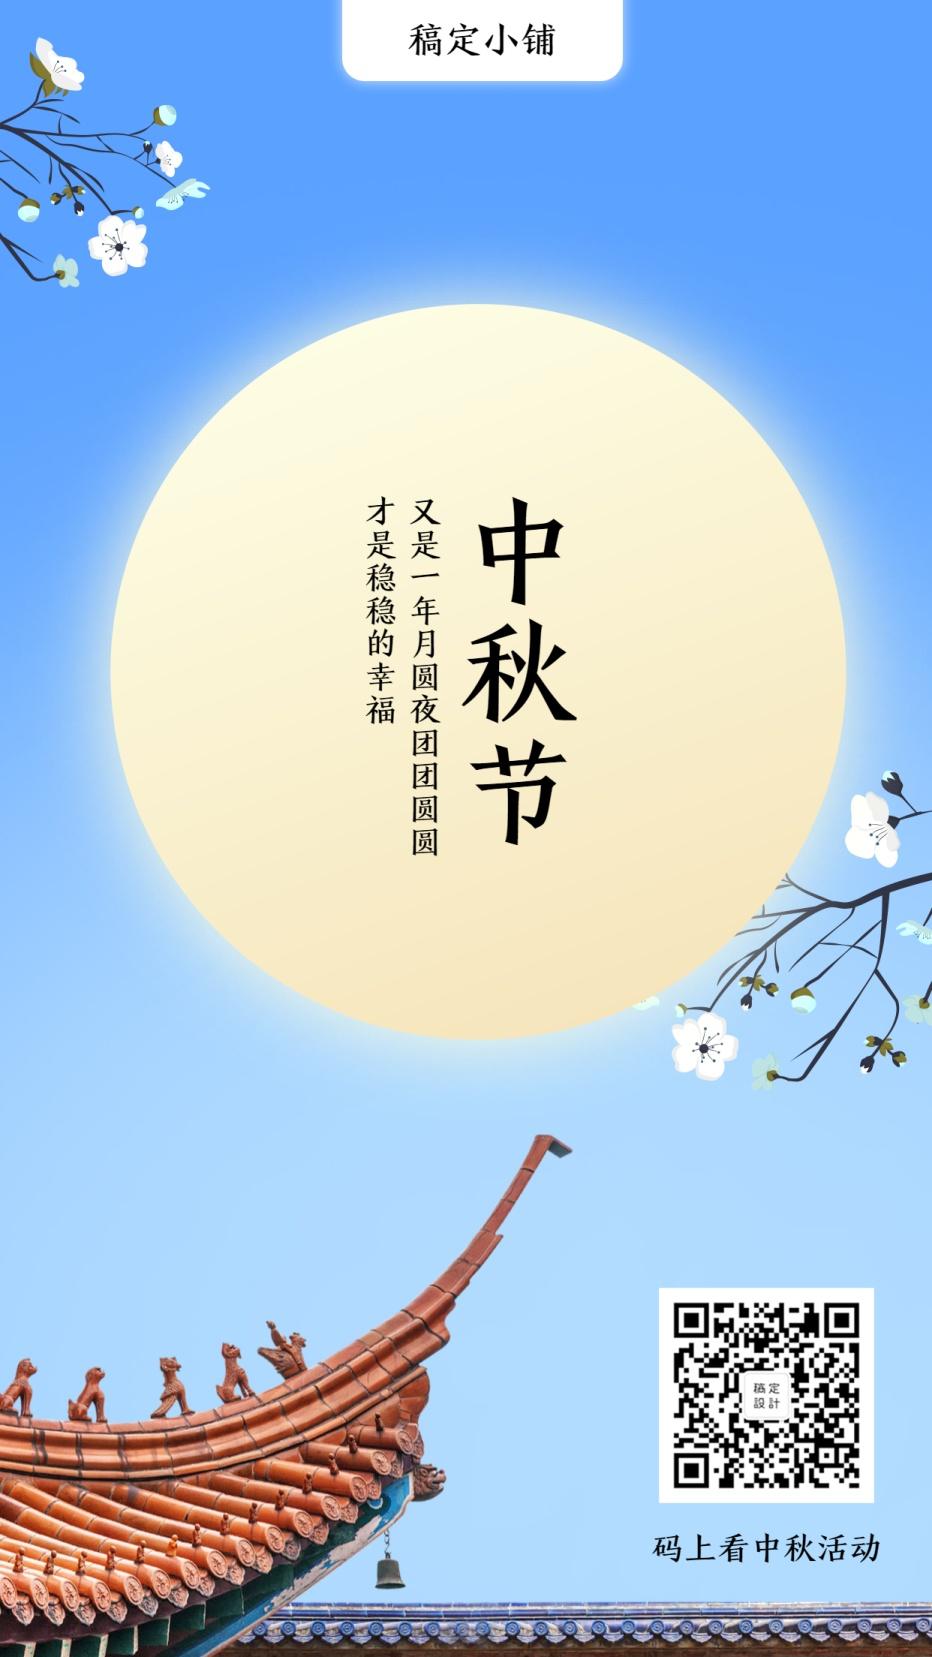 中秋节/文艺实景/手机海报